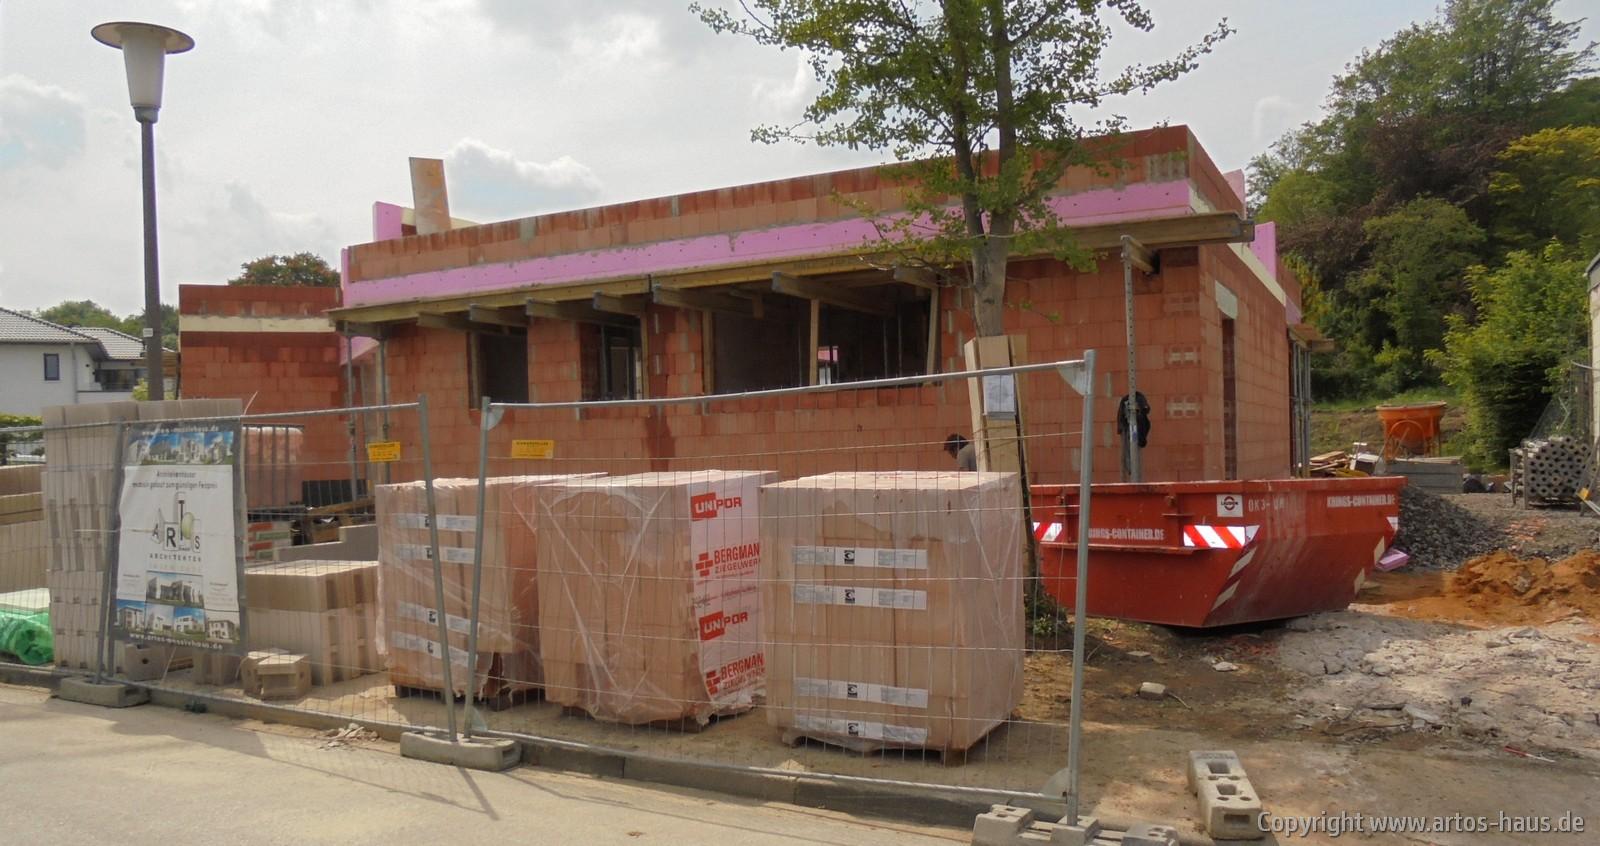 Bauvorhaben Bungalow Frechen - Artos Haus - Bild 1